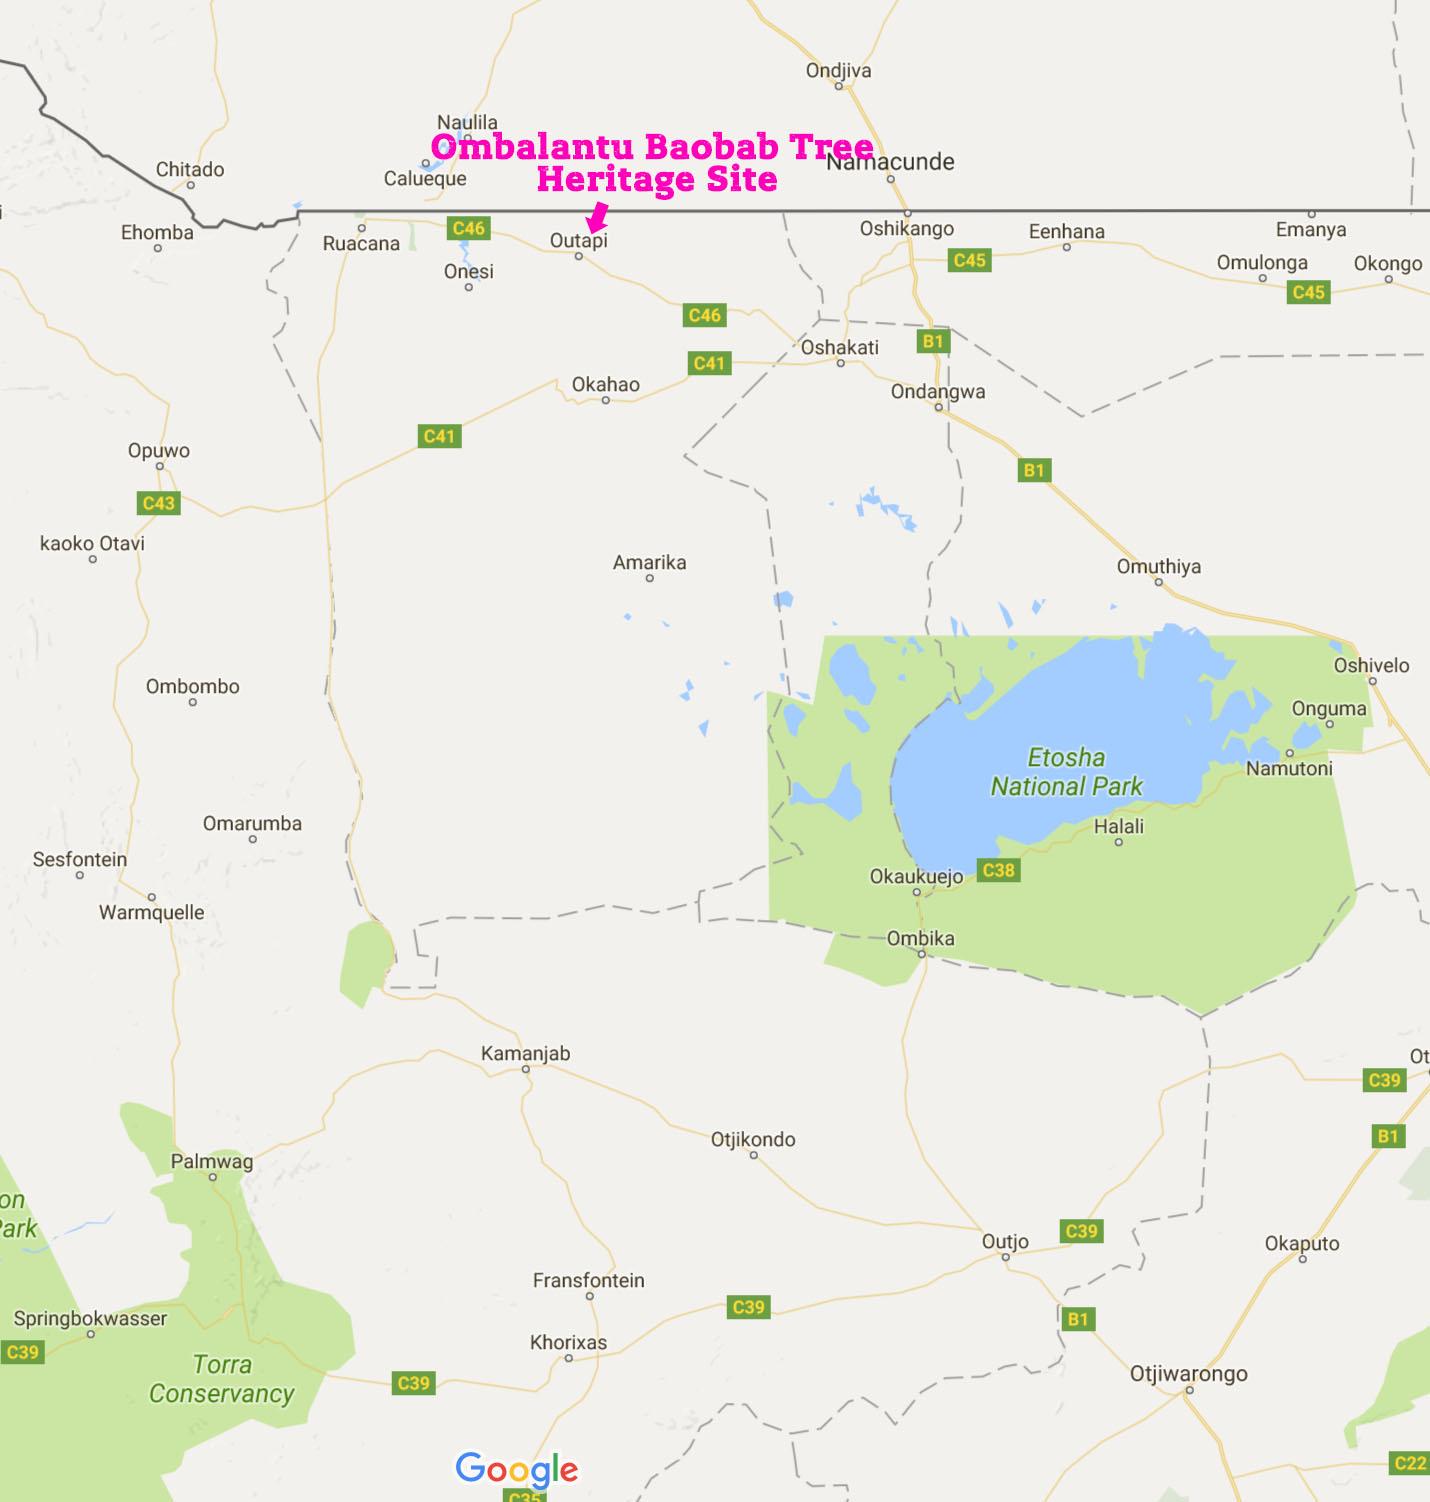 map-baobabu